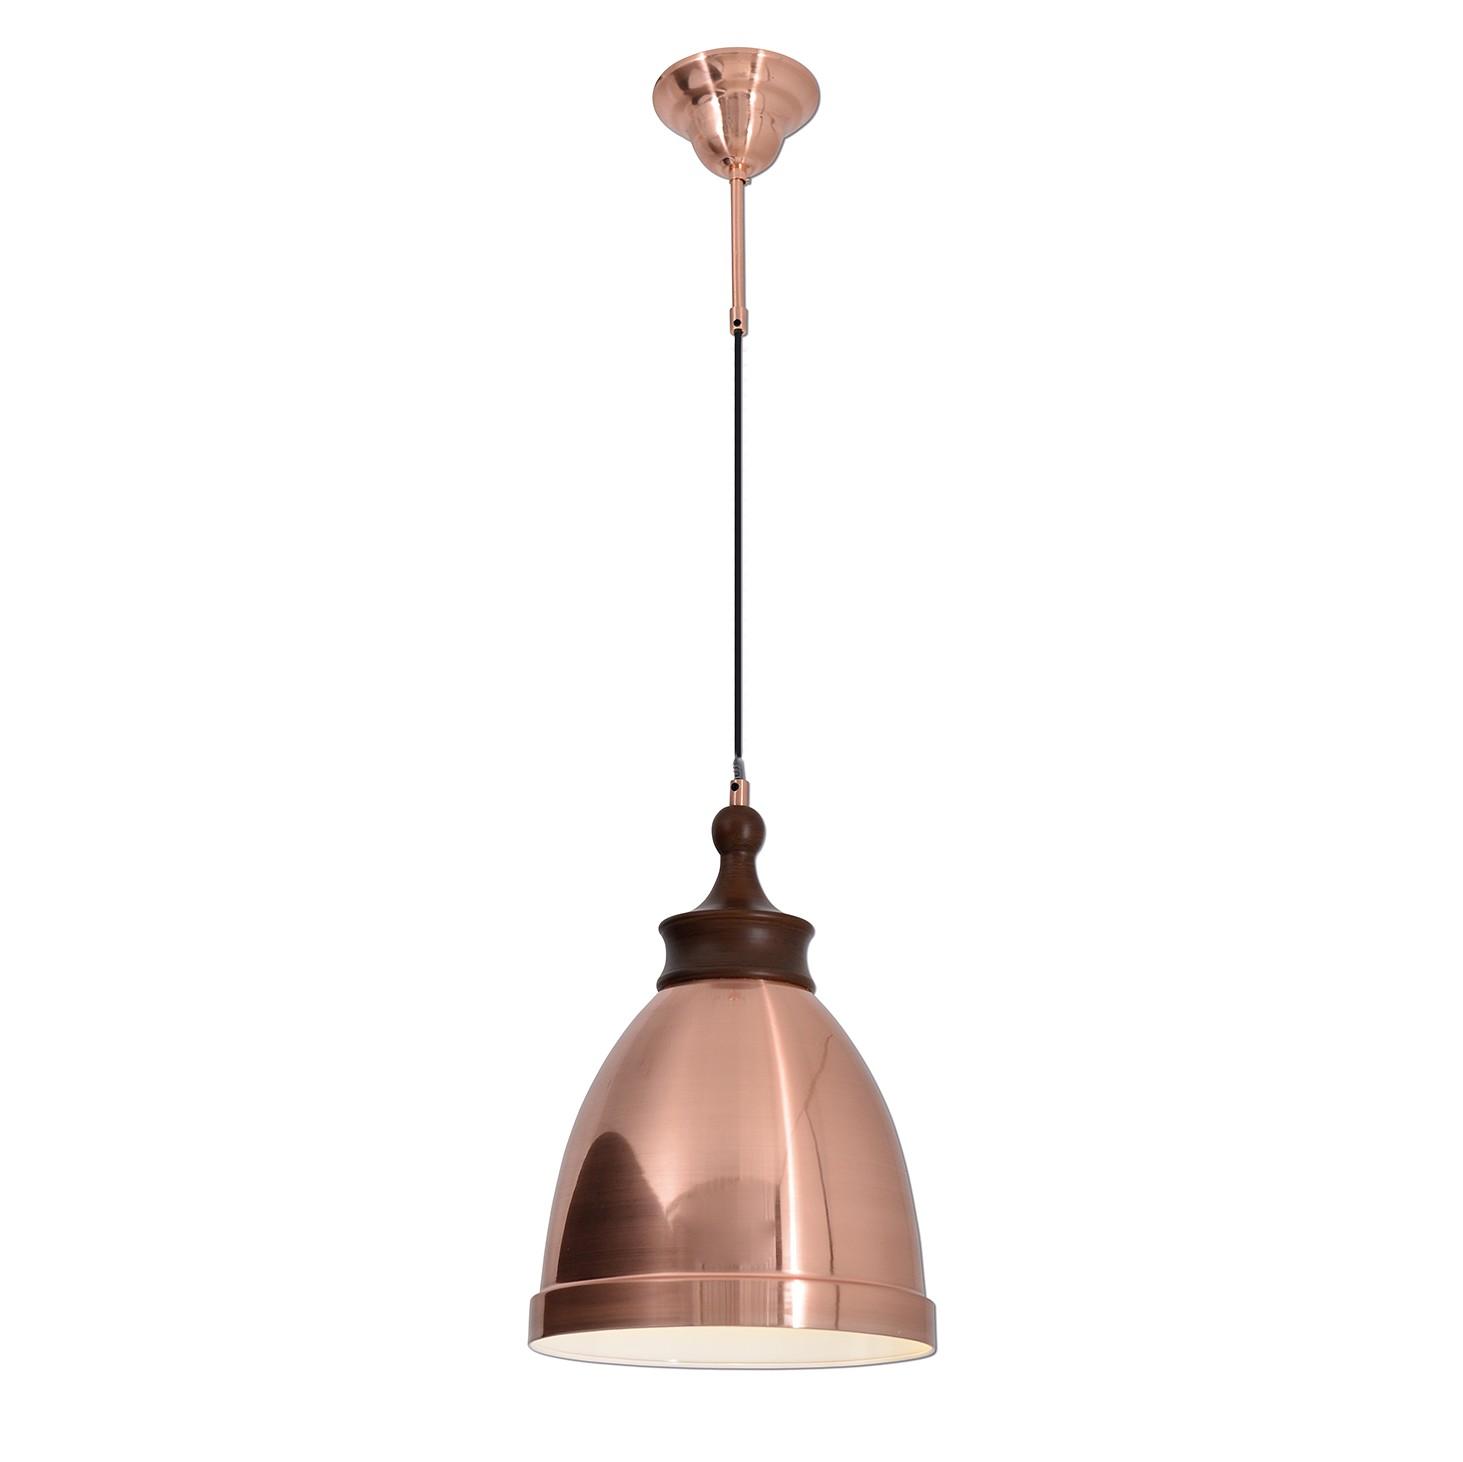 energie A++, Hanglamp Copper by N�ve metaal-bruin hout 1 lichtbron, N�ve